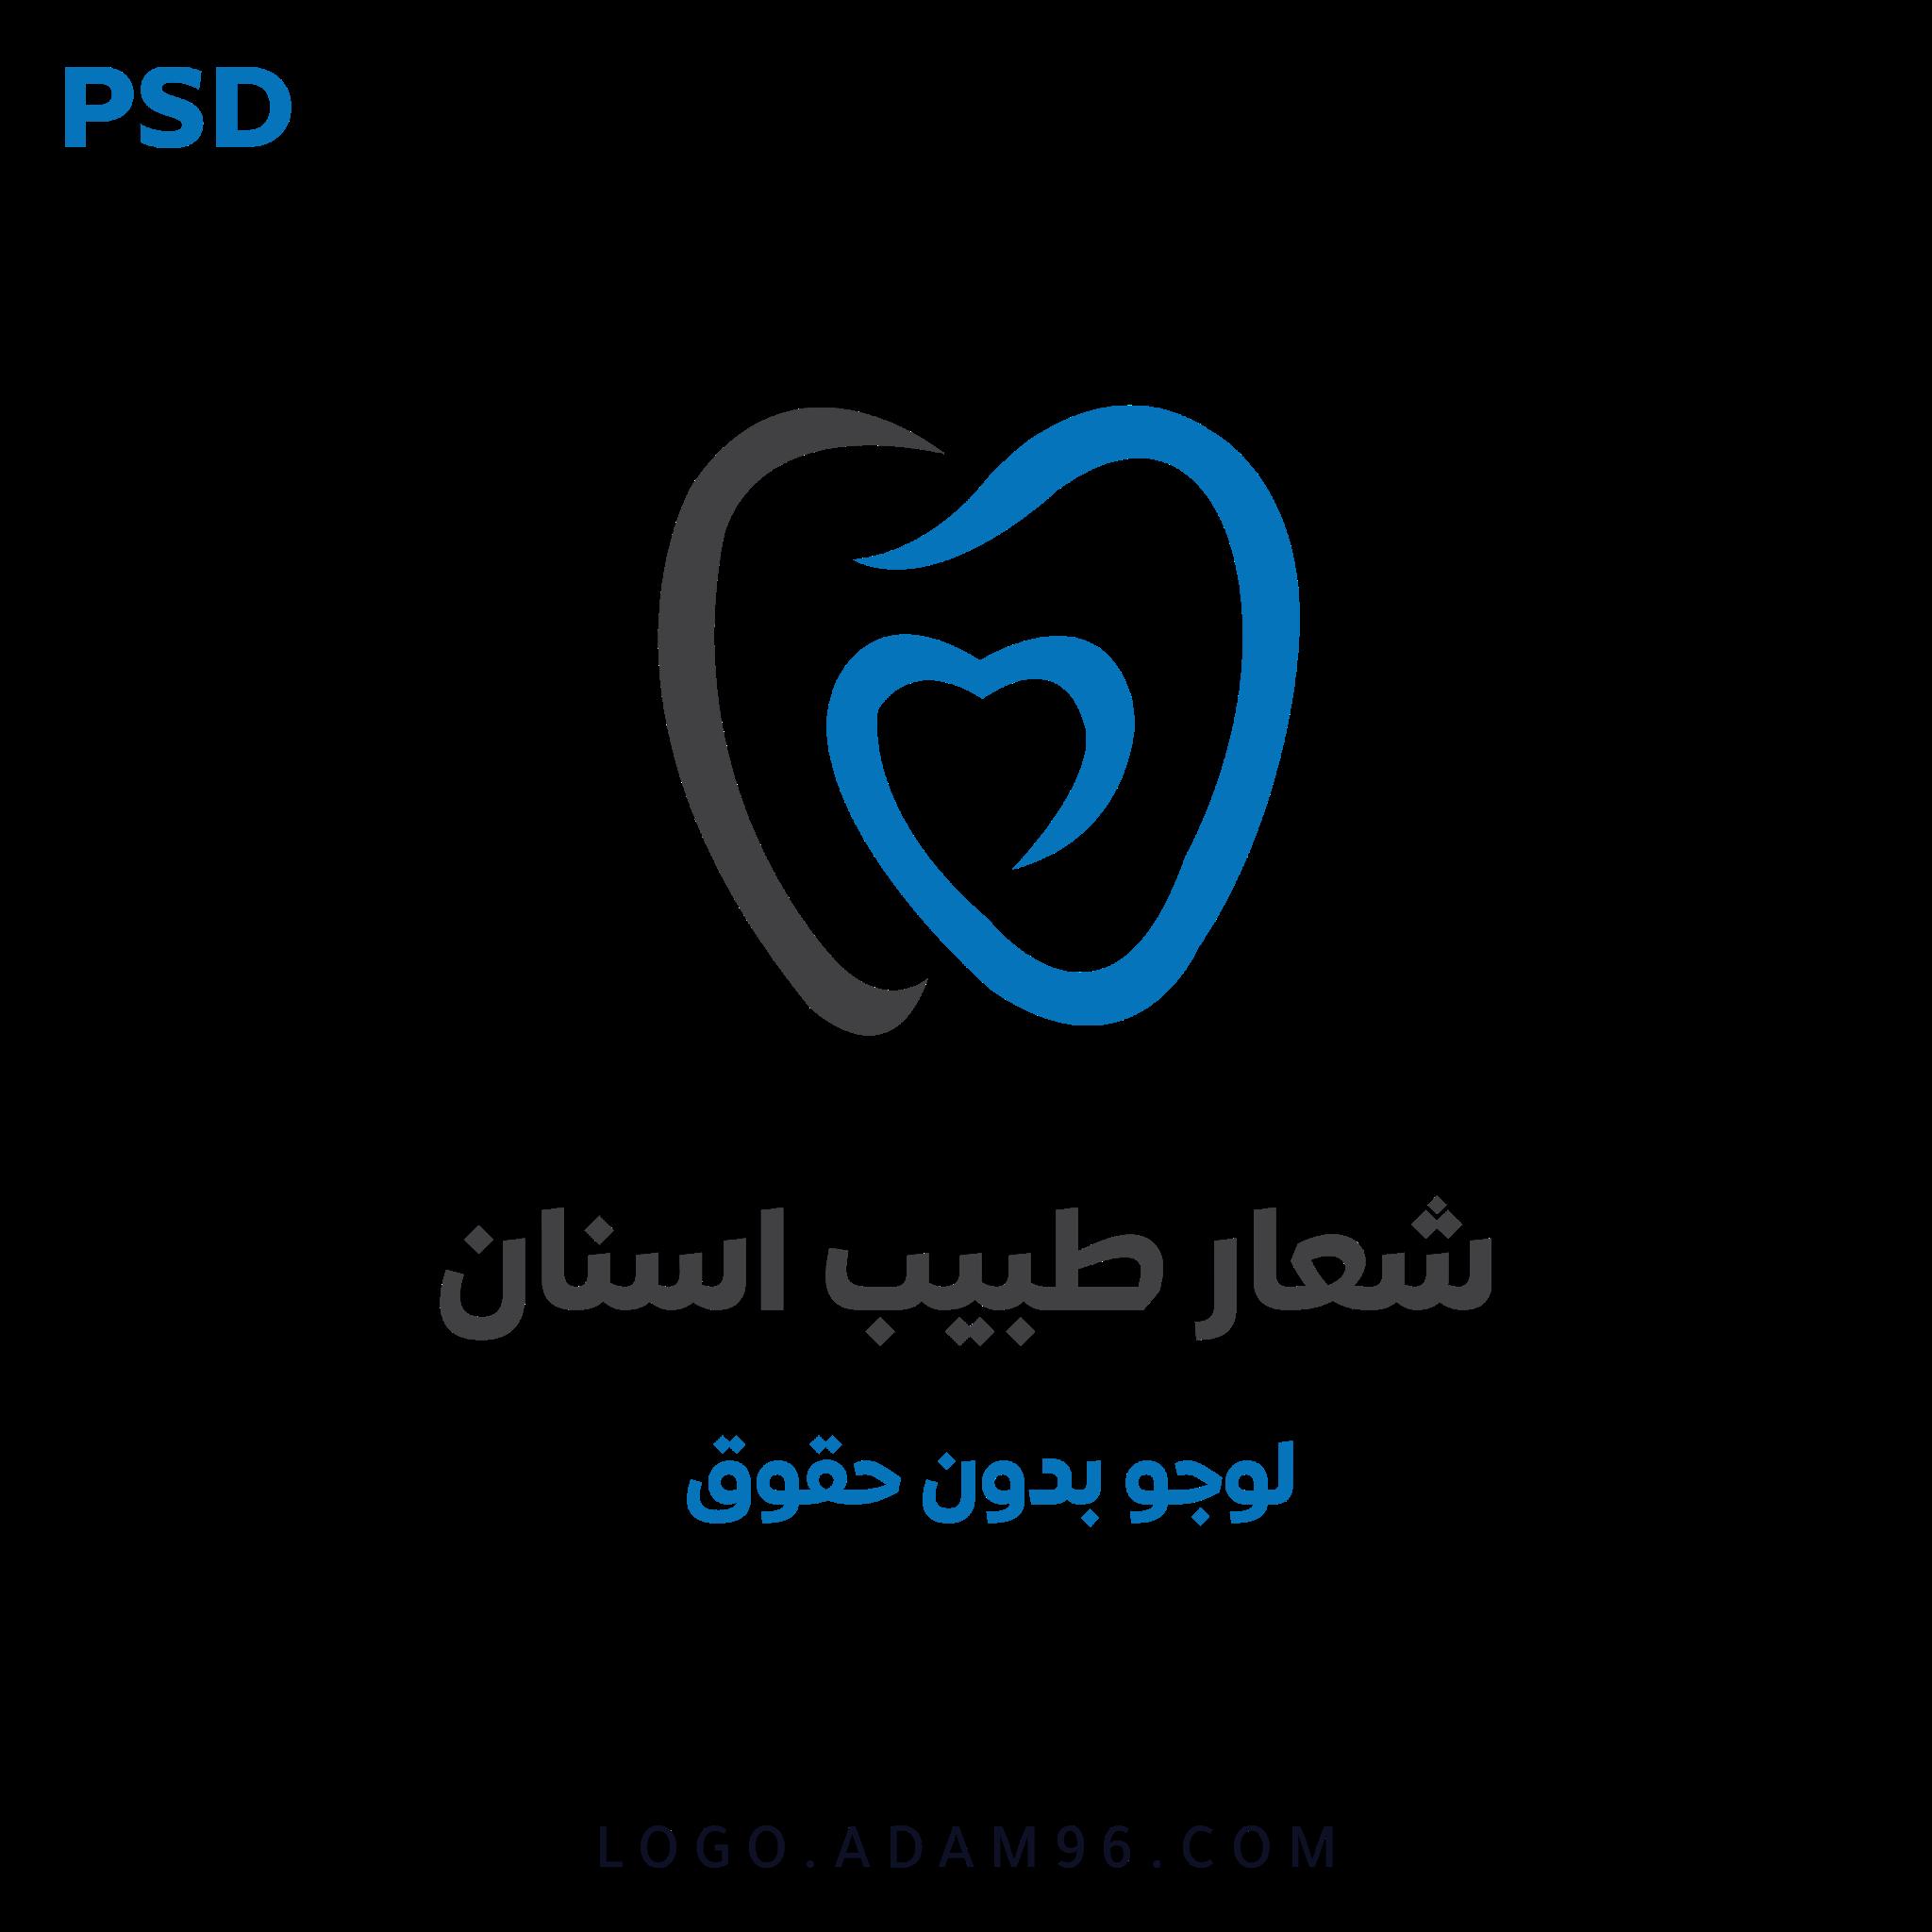 تحميل شعار طبيب اسنان احترافي لوجو بلا حقوق بصيغة Logo Dentist PSD